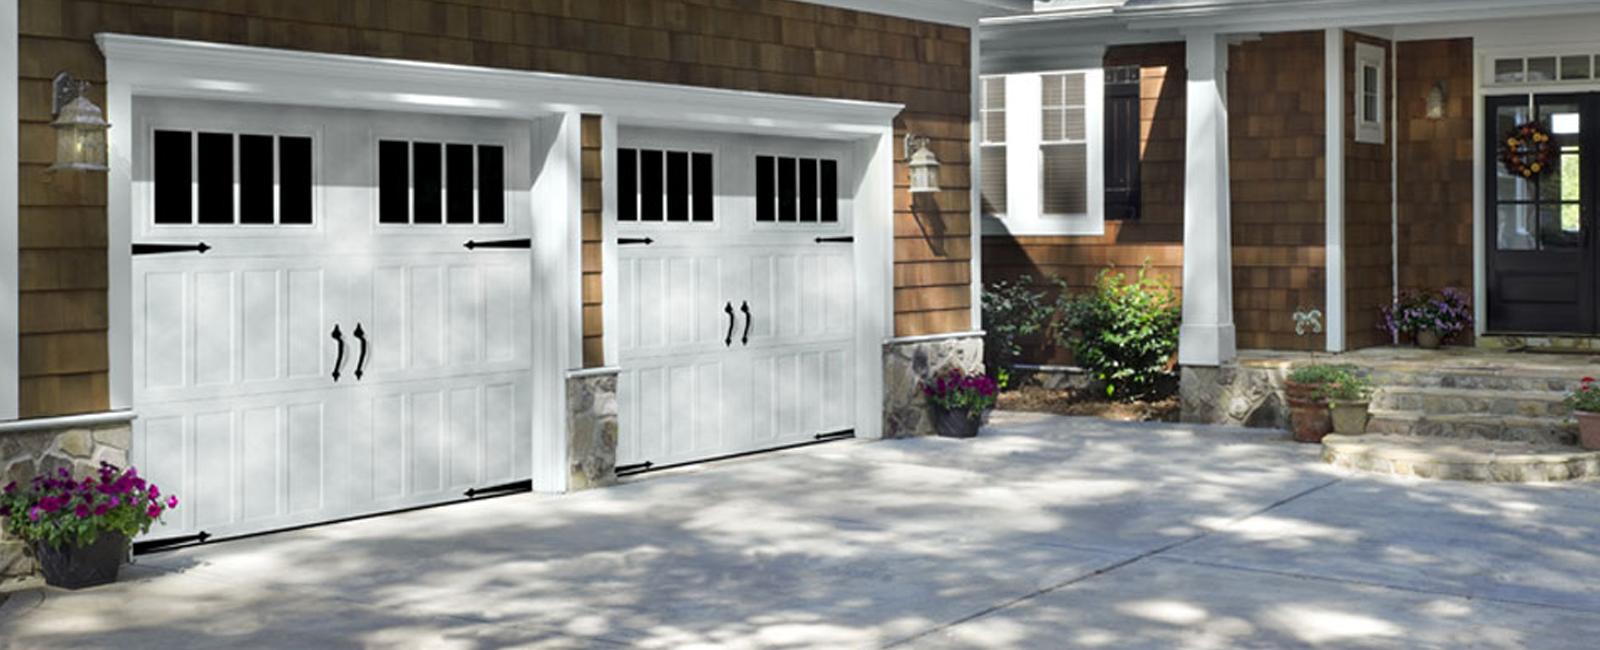 Garage Door Repair Englewood image 1